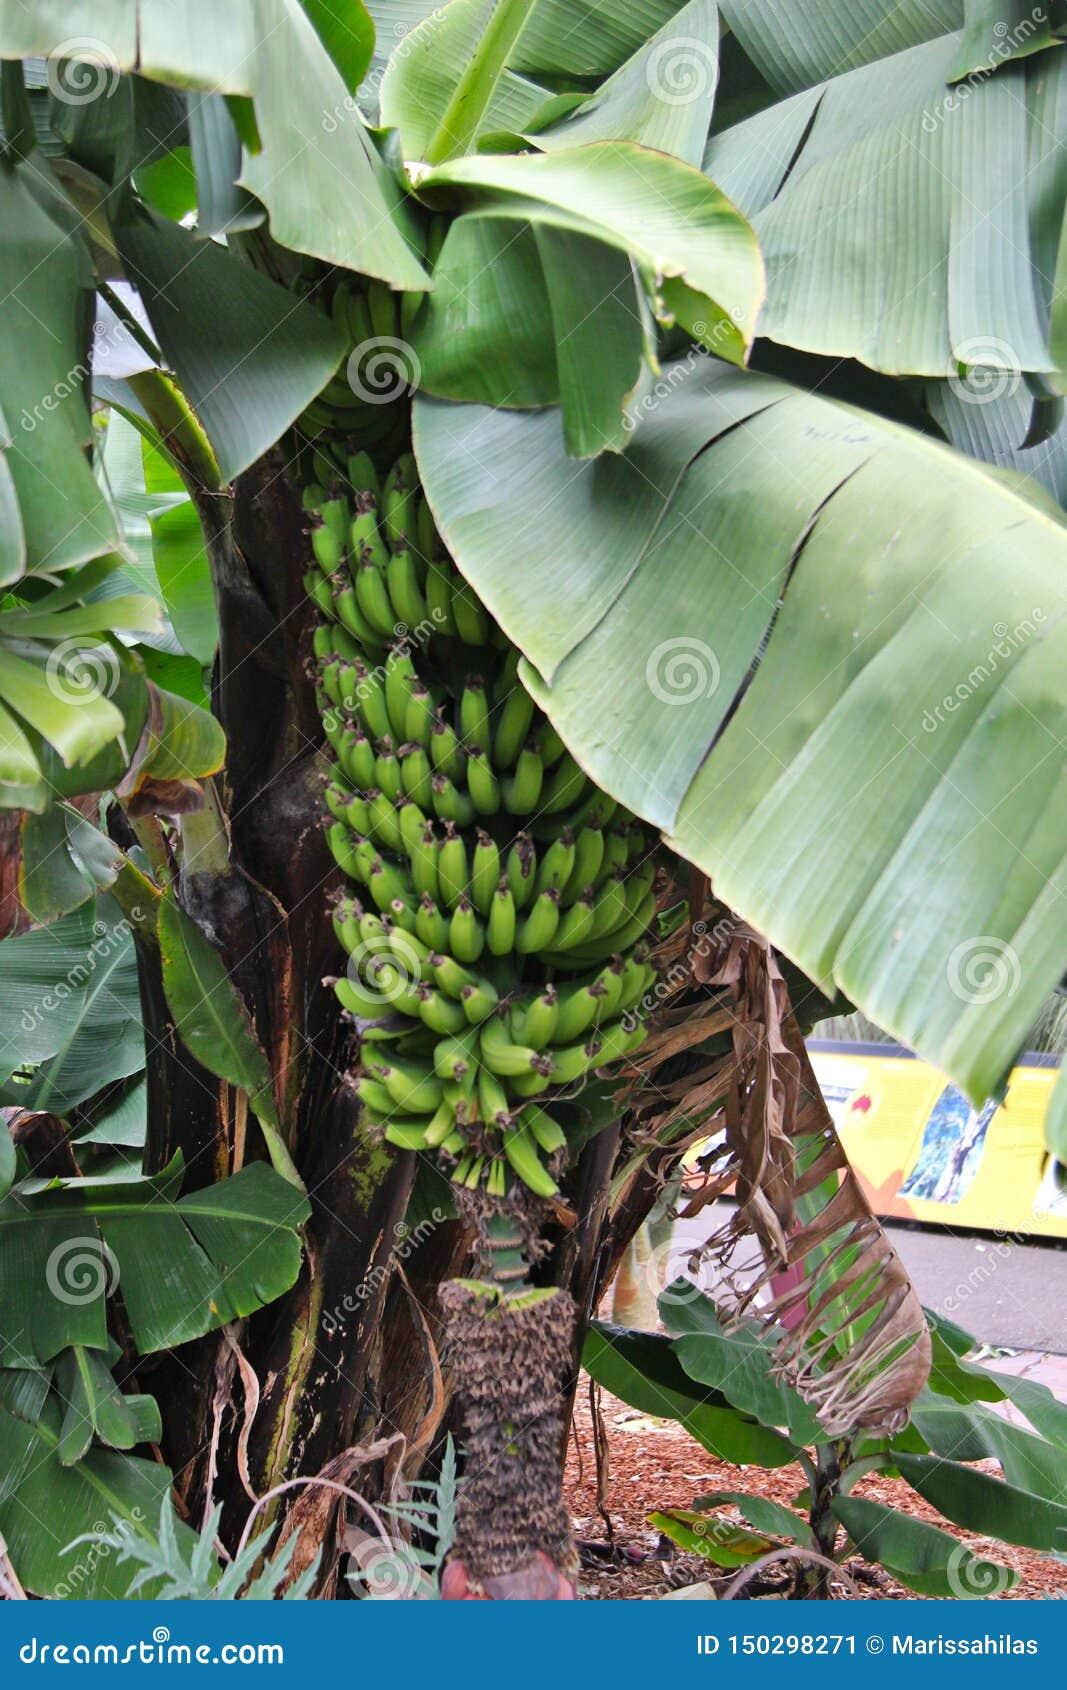 Come Coltivare Un Banano banane che crescono su un banano immagine stock - immagine